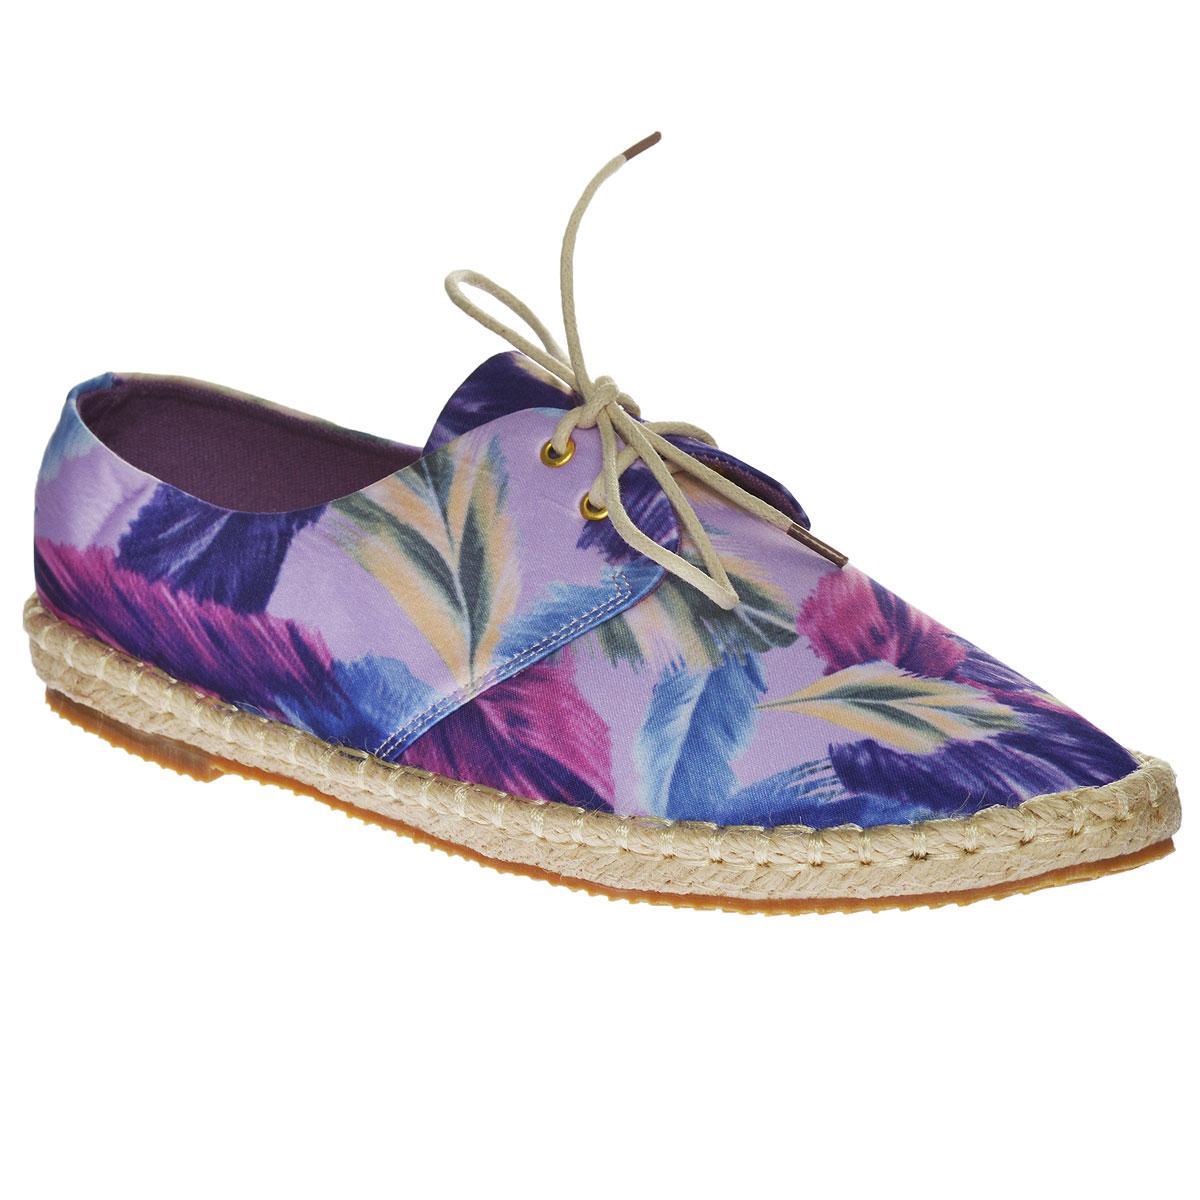 247-08-02(T)Очаровательные женские эспадрильи от Dino Ricci очаруют вас с первого взгляда. Модель выполнена из высококачественного текстиля и декорирована изображением листьев. Рант оформлен крупной декоративной прострочкой. Шнуровка обеспечивает надежную фиксацию обуви на ноге. Мягкая текстильная стелька, дополненная уплотнением из натуральной кожи на пятке, обеспечивает комфорт при движении. Верх подошвы выполнен из плетеной джутовой нити, низ - из полимера. Рифленая поверхность подошвы защищает изделие от скольжения. Стильные эспадрильи отлично подойдут для простой прогулки и для дальней поездки.